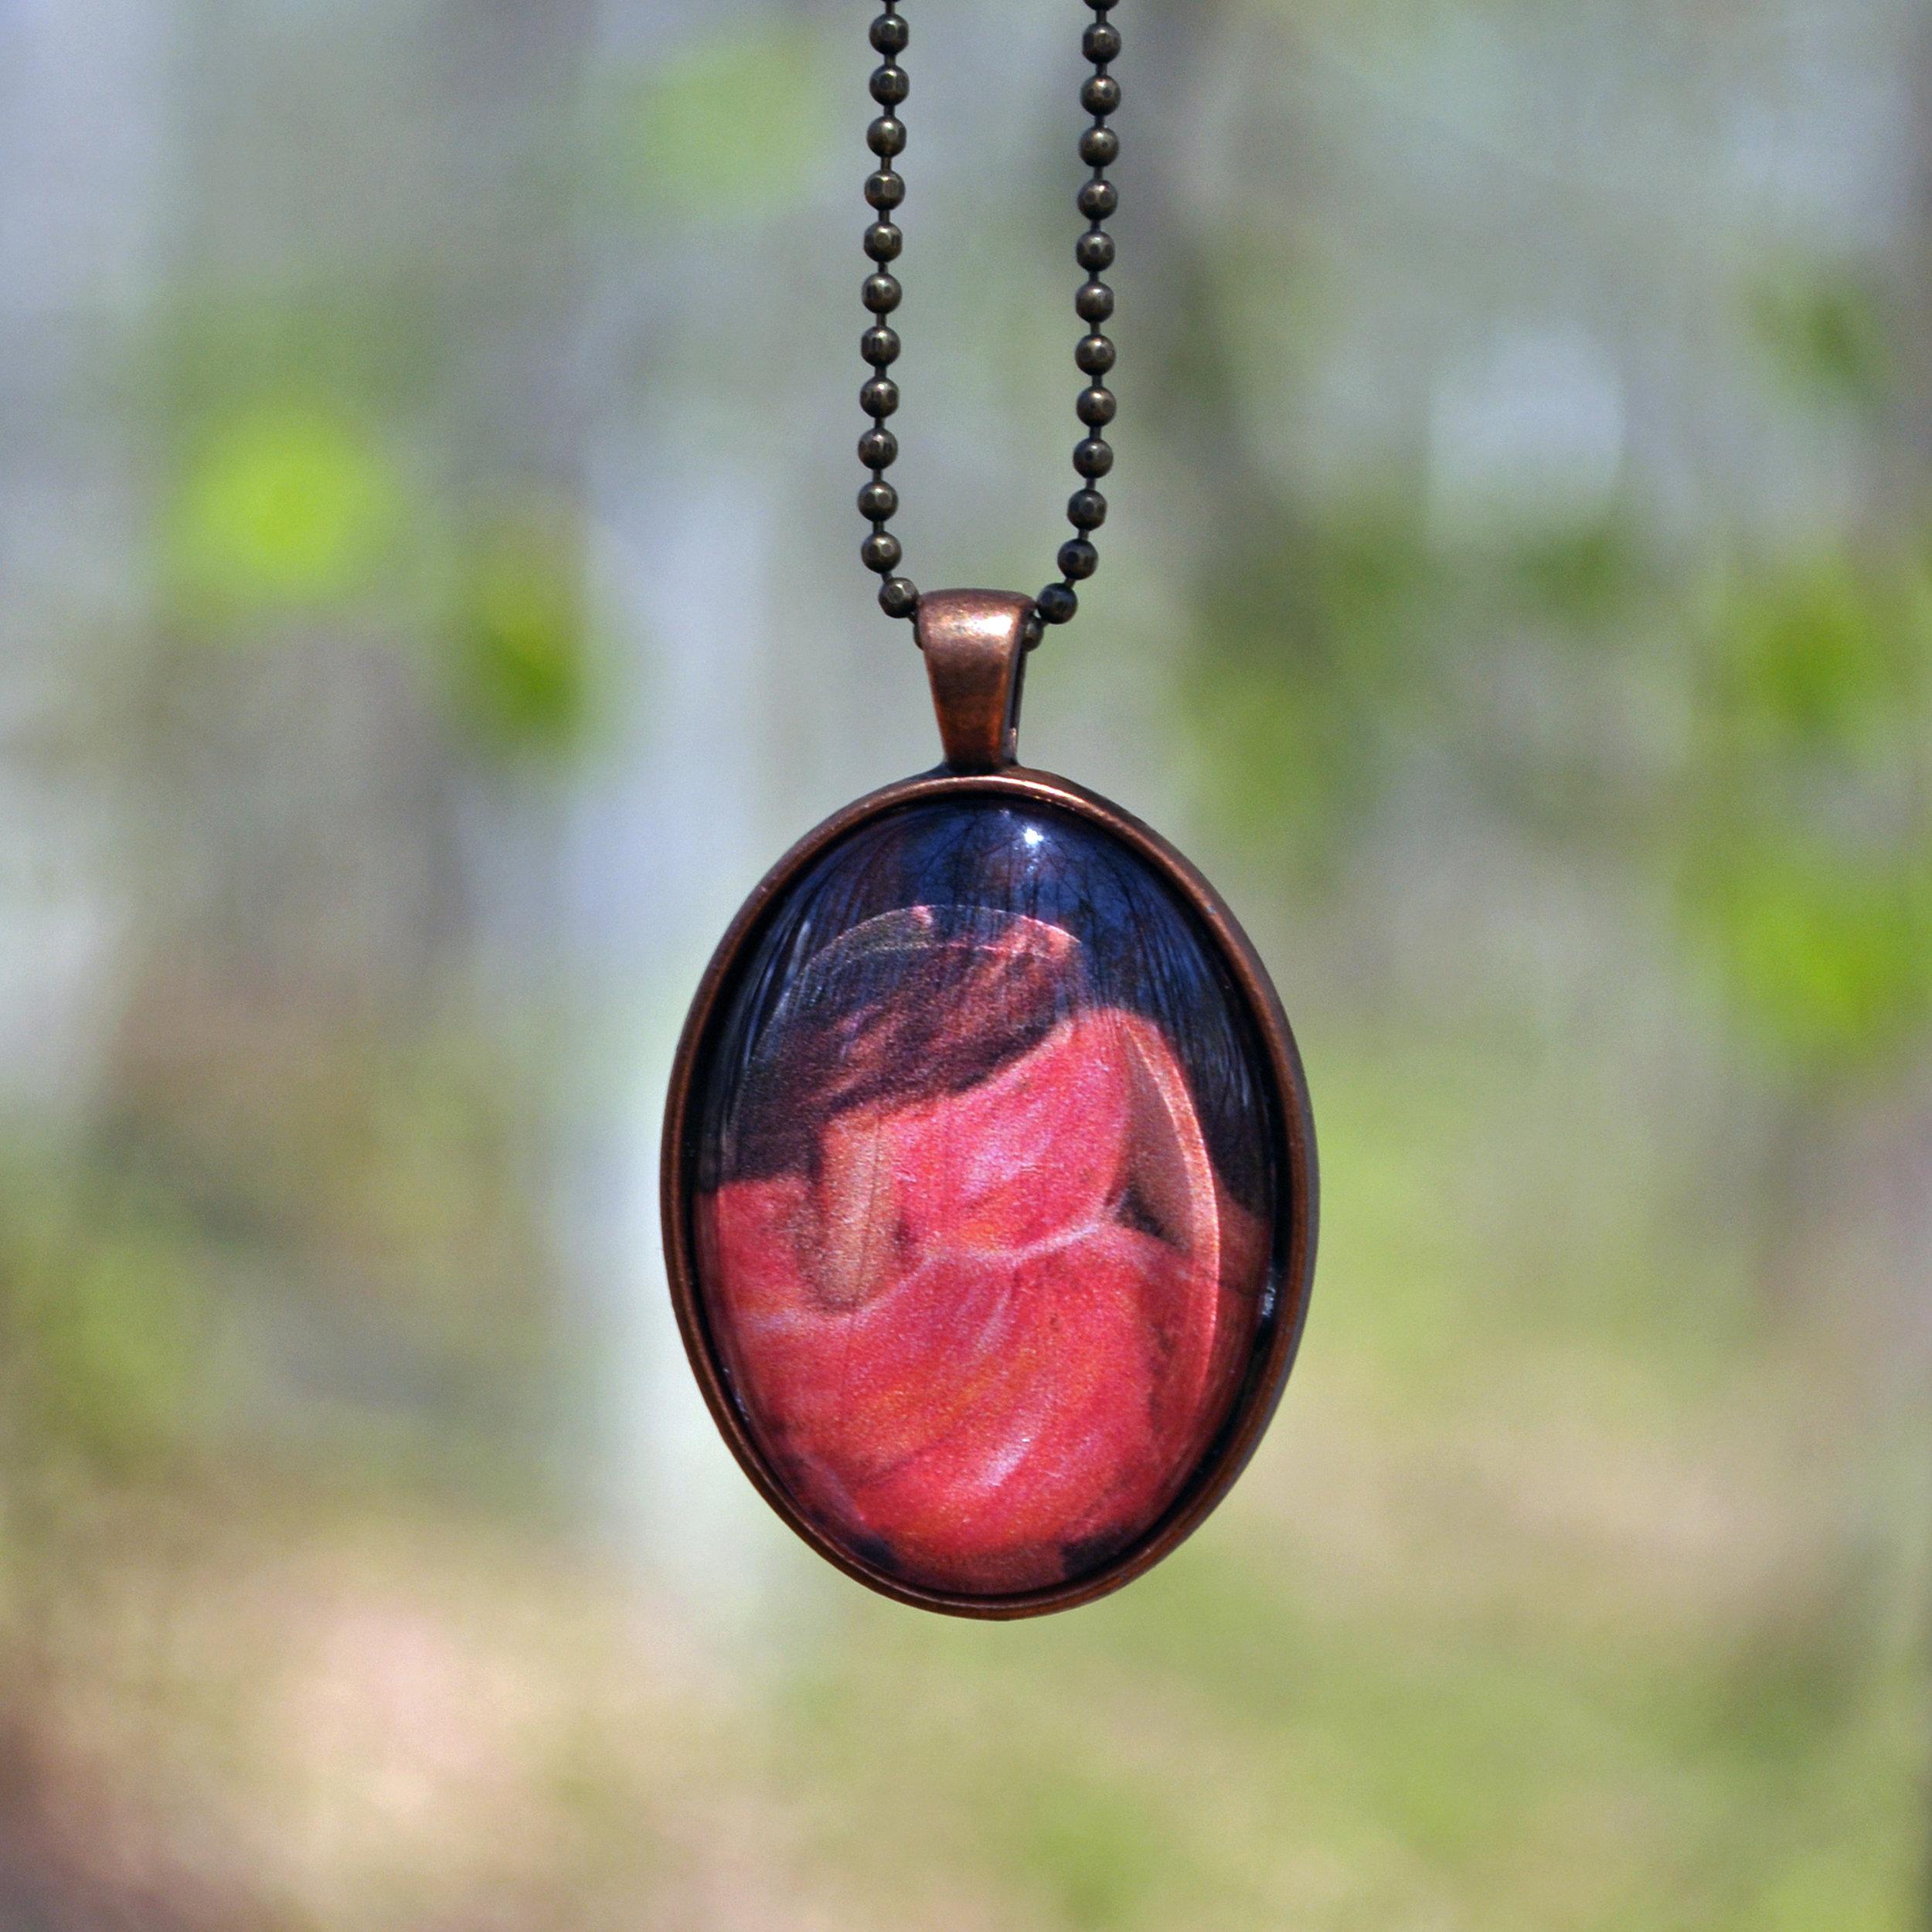 Twirling by Monica Hokeilen, pendant